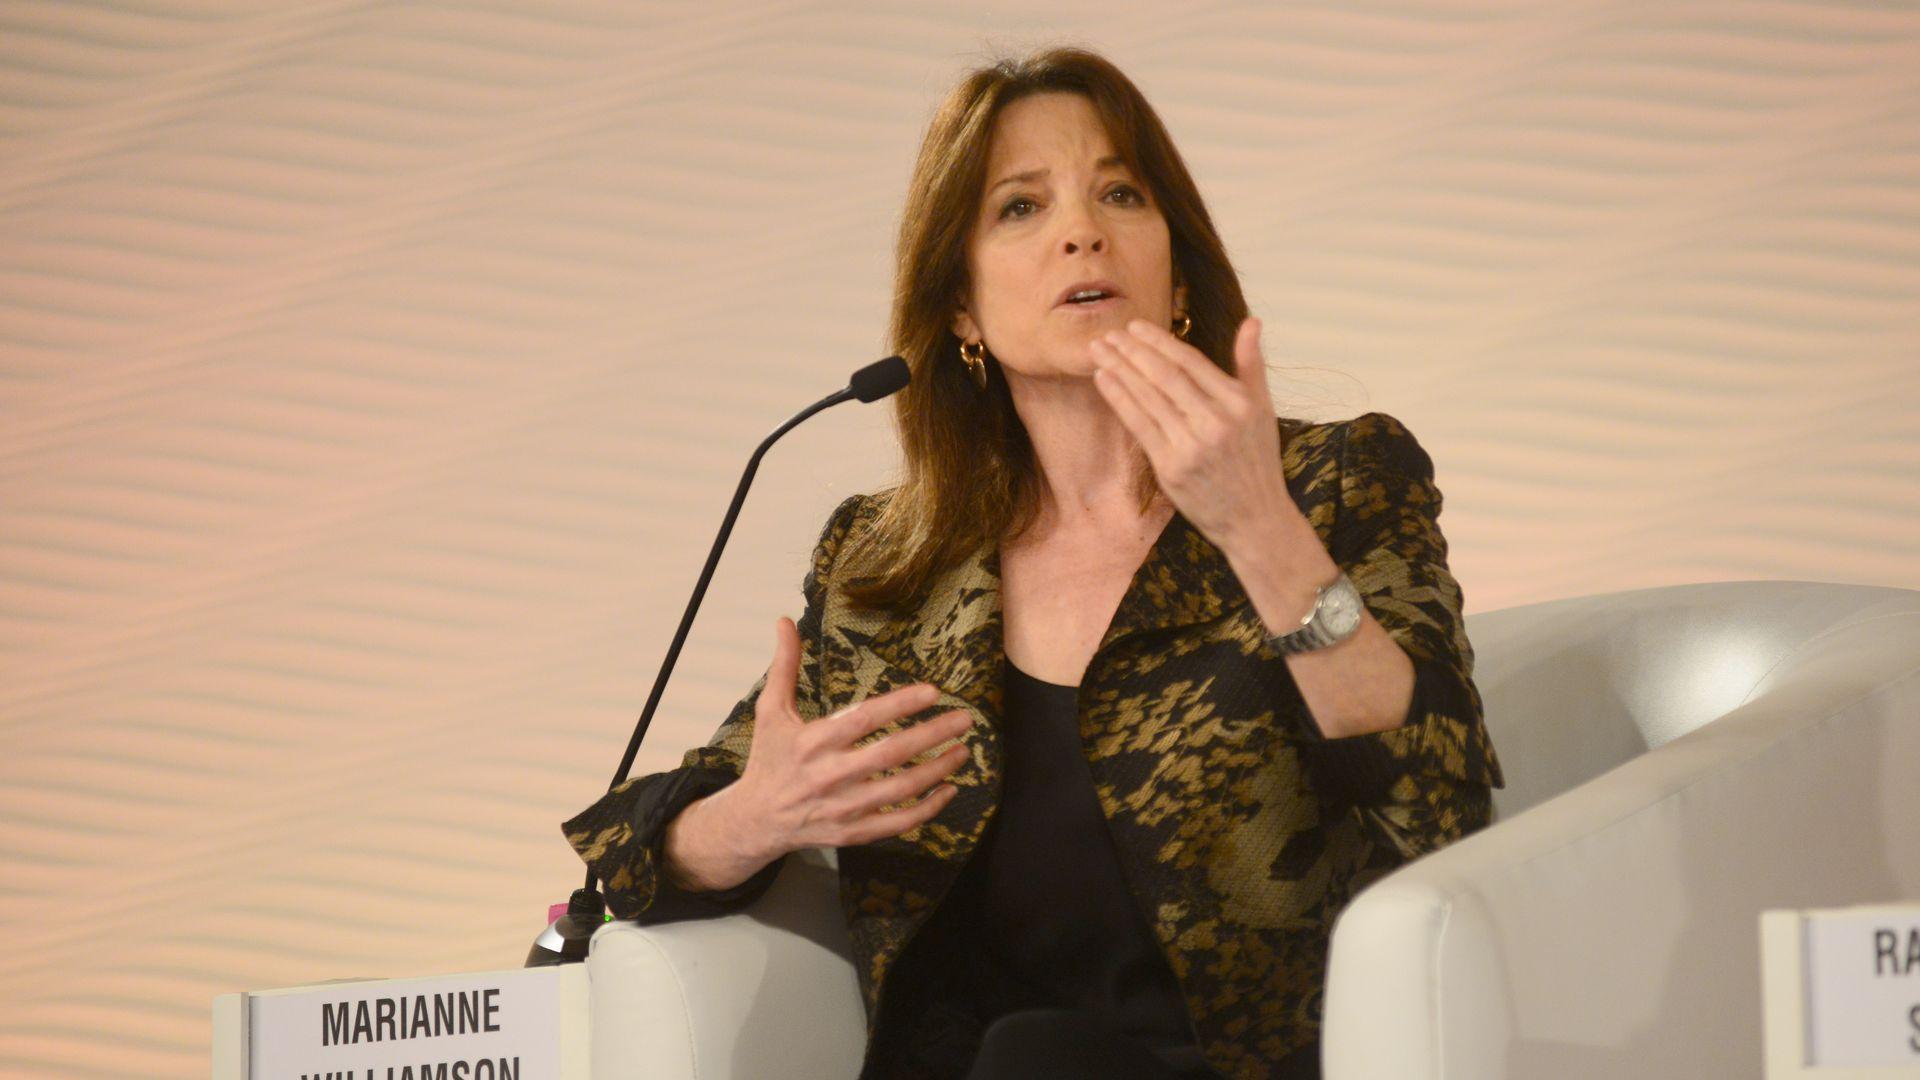 Marianne Williamson speaks